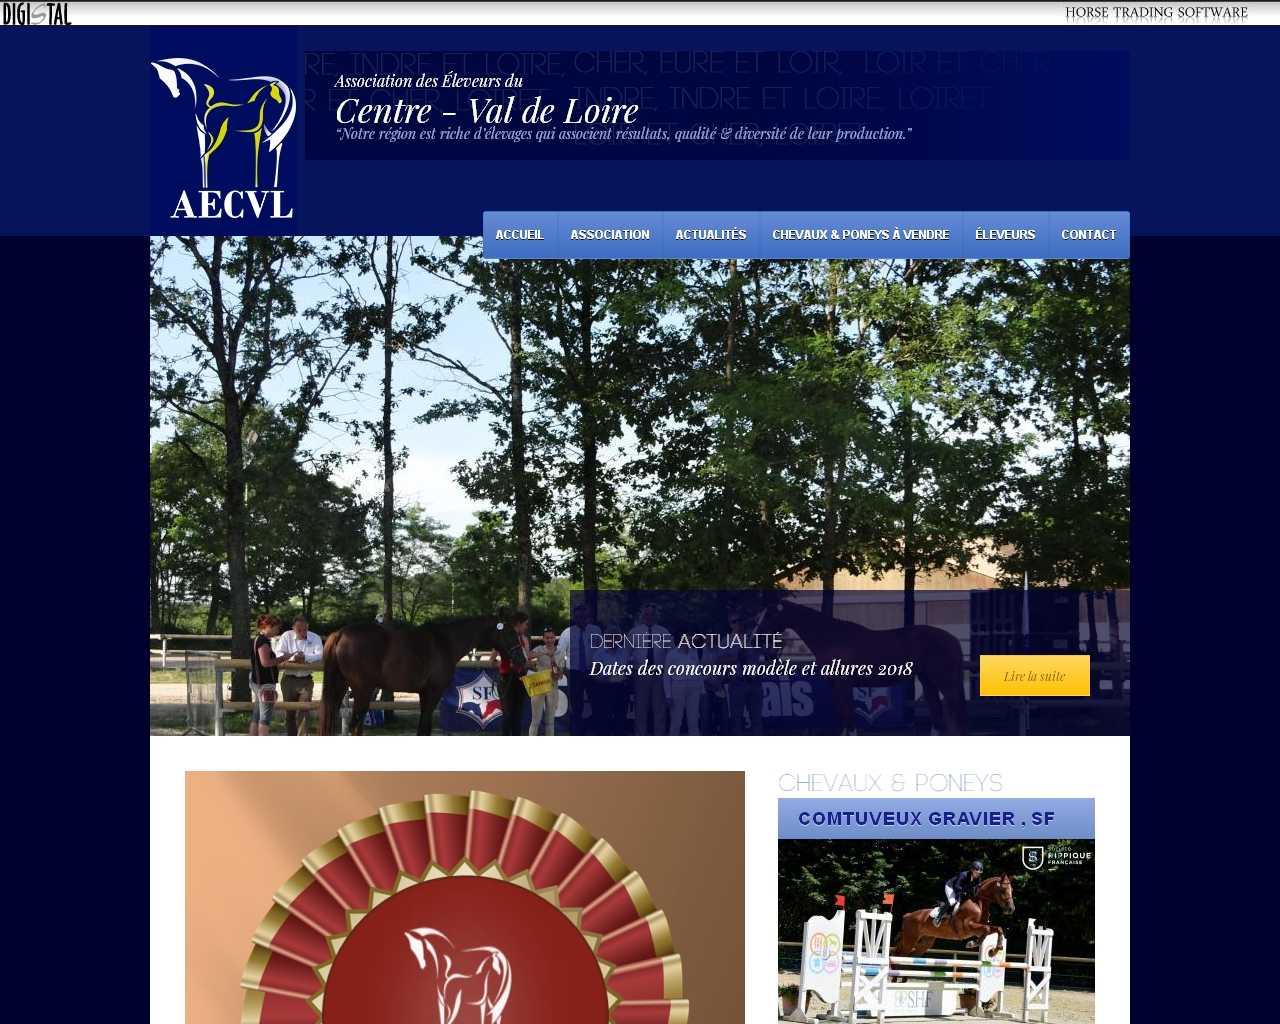 Visuel du site AECVL